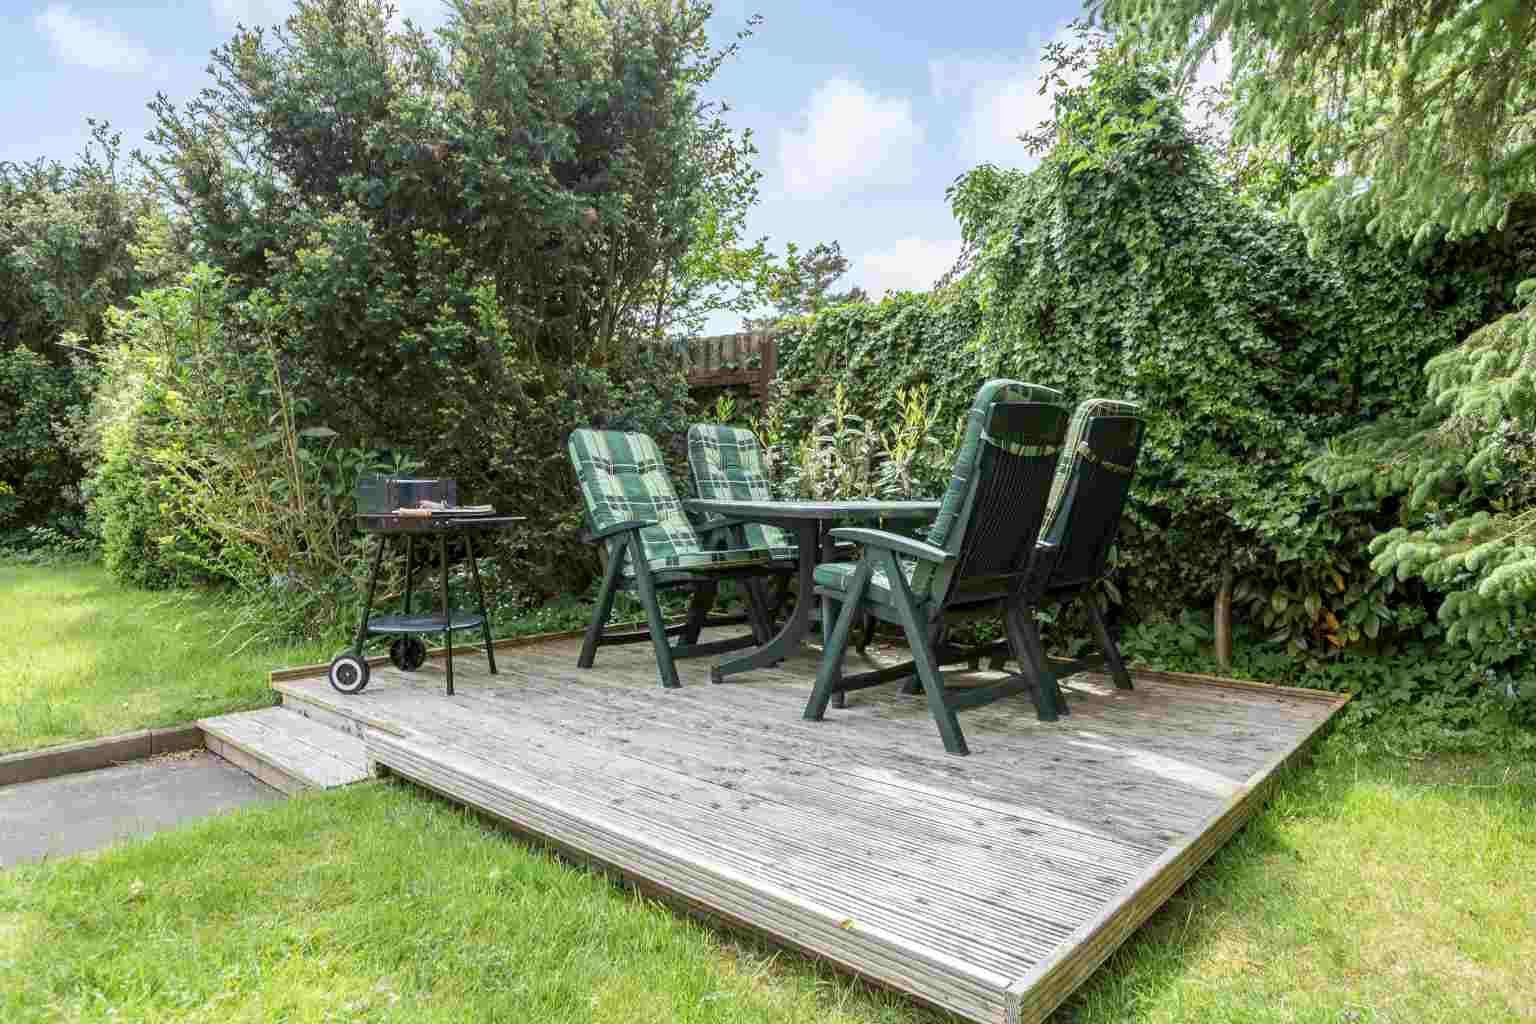 Grillecke im Garten - Haus Sturmmoewe, Wohnung 5, 2-Zimmer-Ferienwohnung, Badallee 27-27a, St. Peter-Dorf